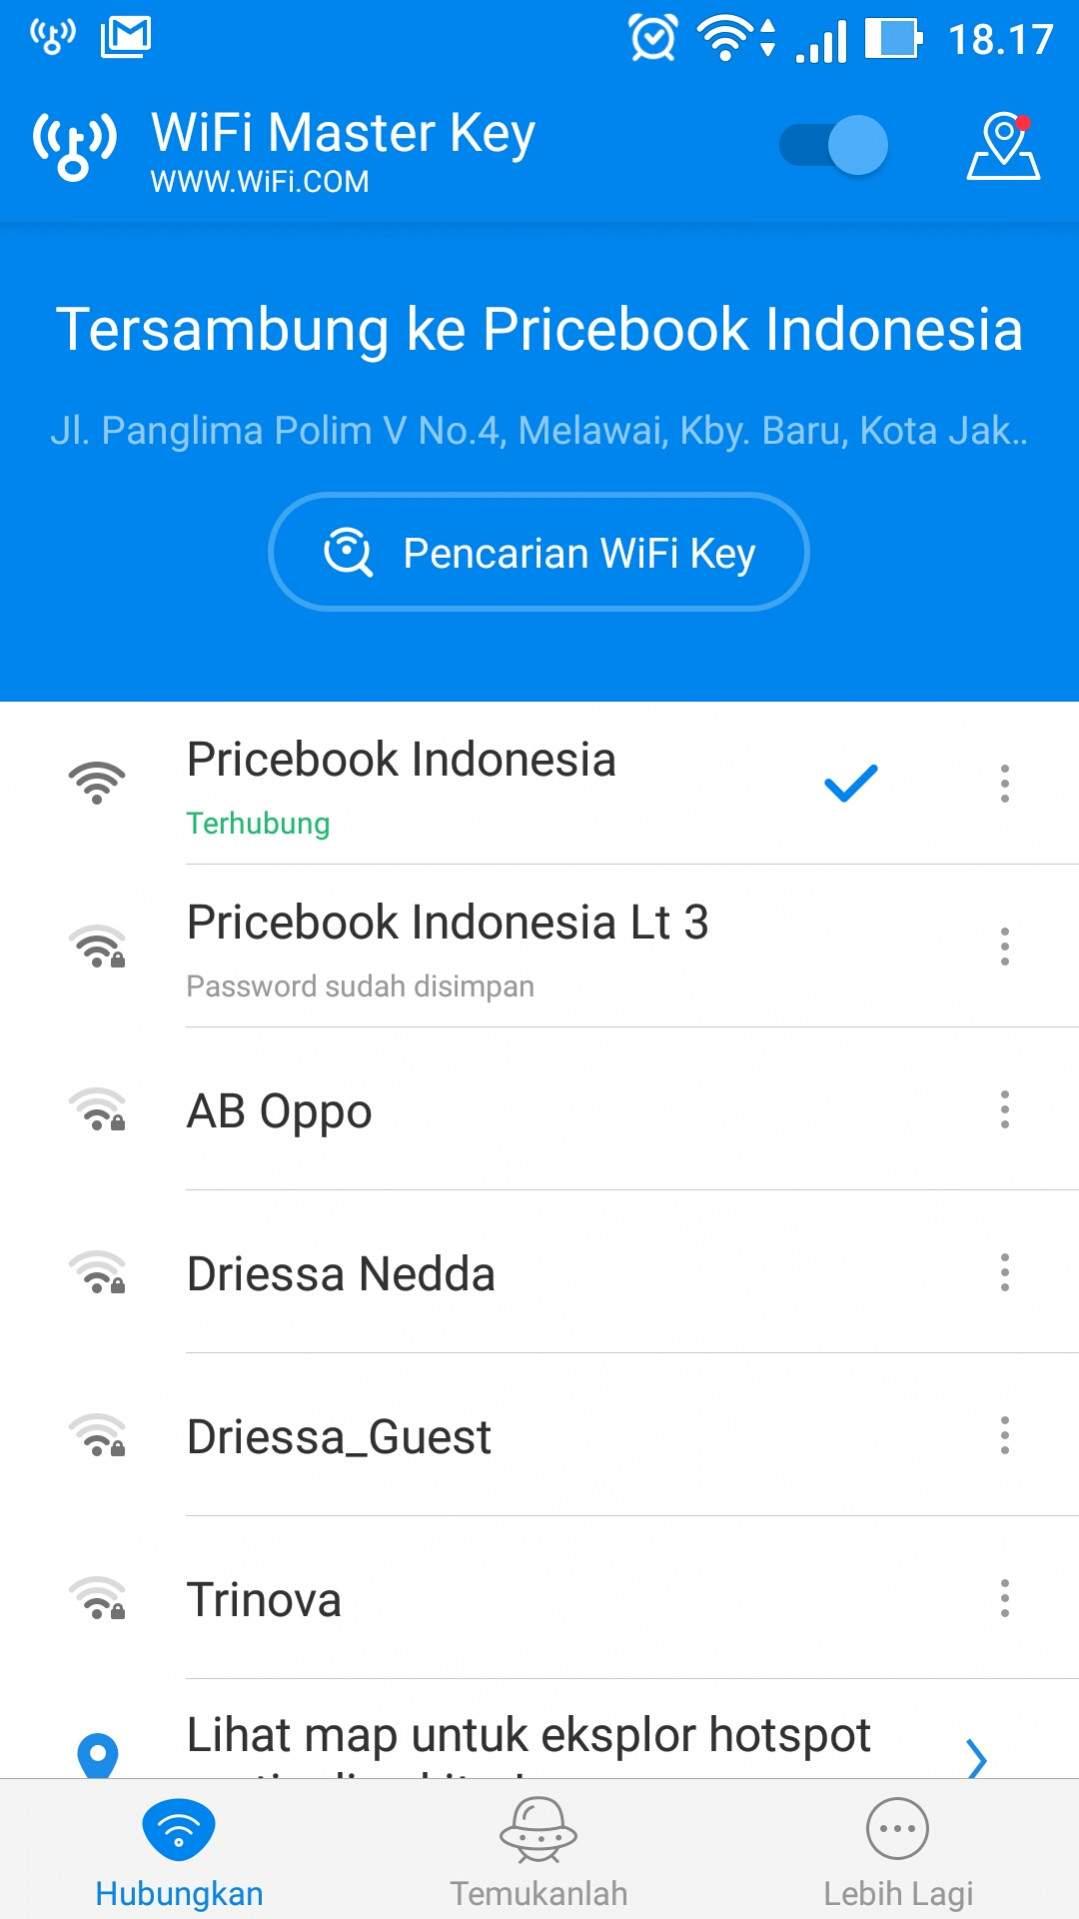 Aplikasi-ini-secara-otomatis-akan-menampilkan-daftar-dari-koneksi-internet-dan-memberikan-keterangan-koneksi-gratis-aman-sambungkan